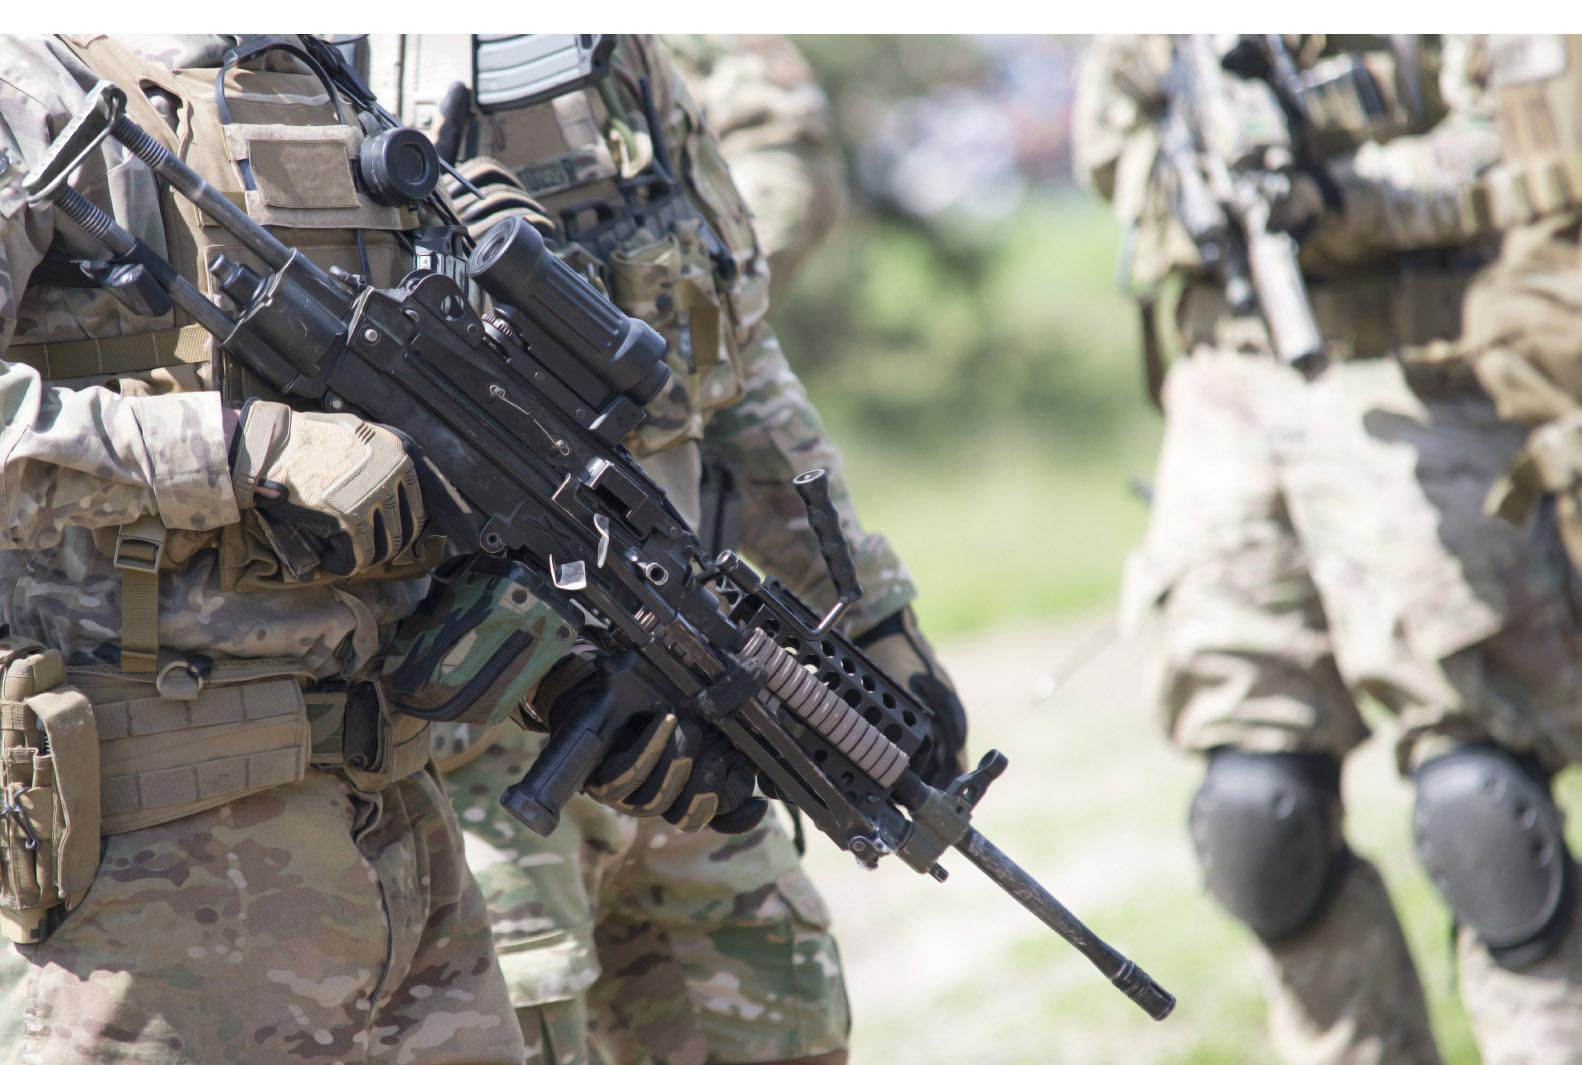 Los 5 fallecidos pertenecientes al Ejército de Liberación Nacional fueron abatidos por el Ejército y la Nolícial Nacional de Colombia